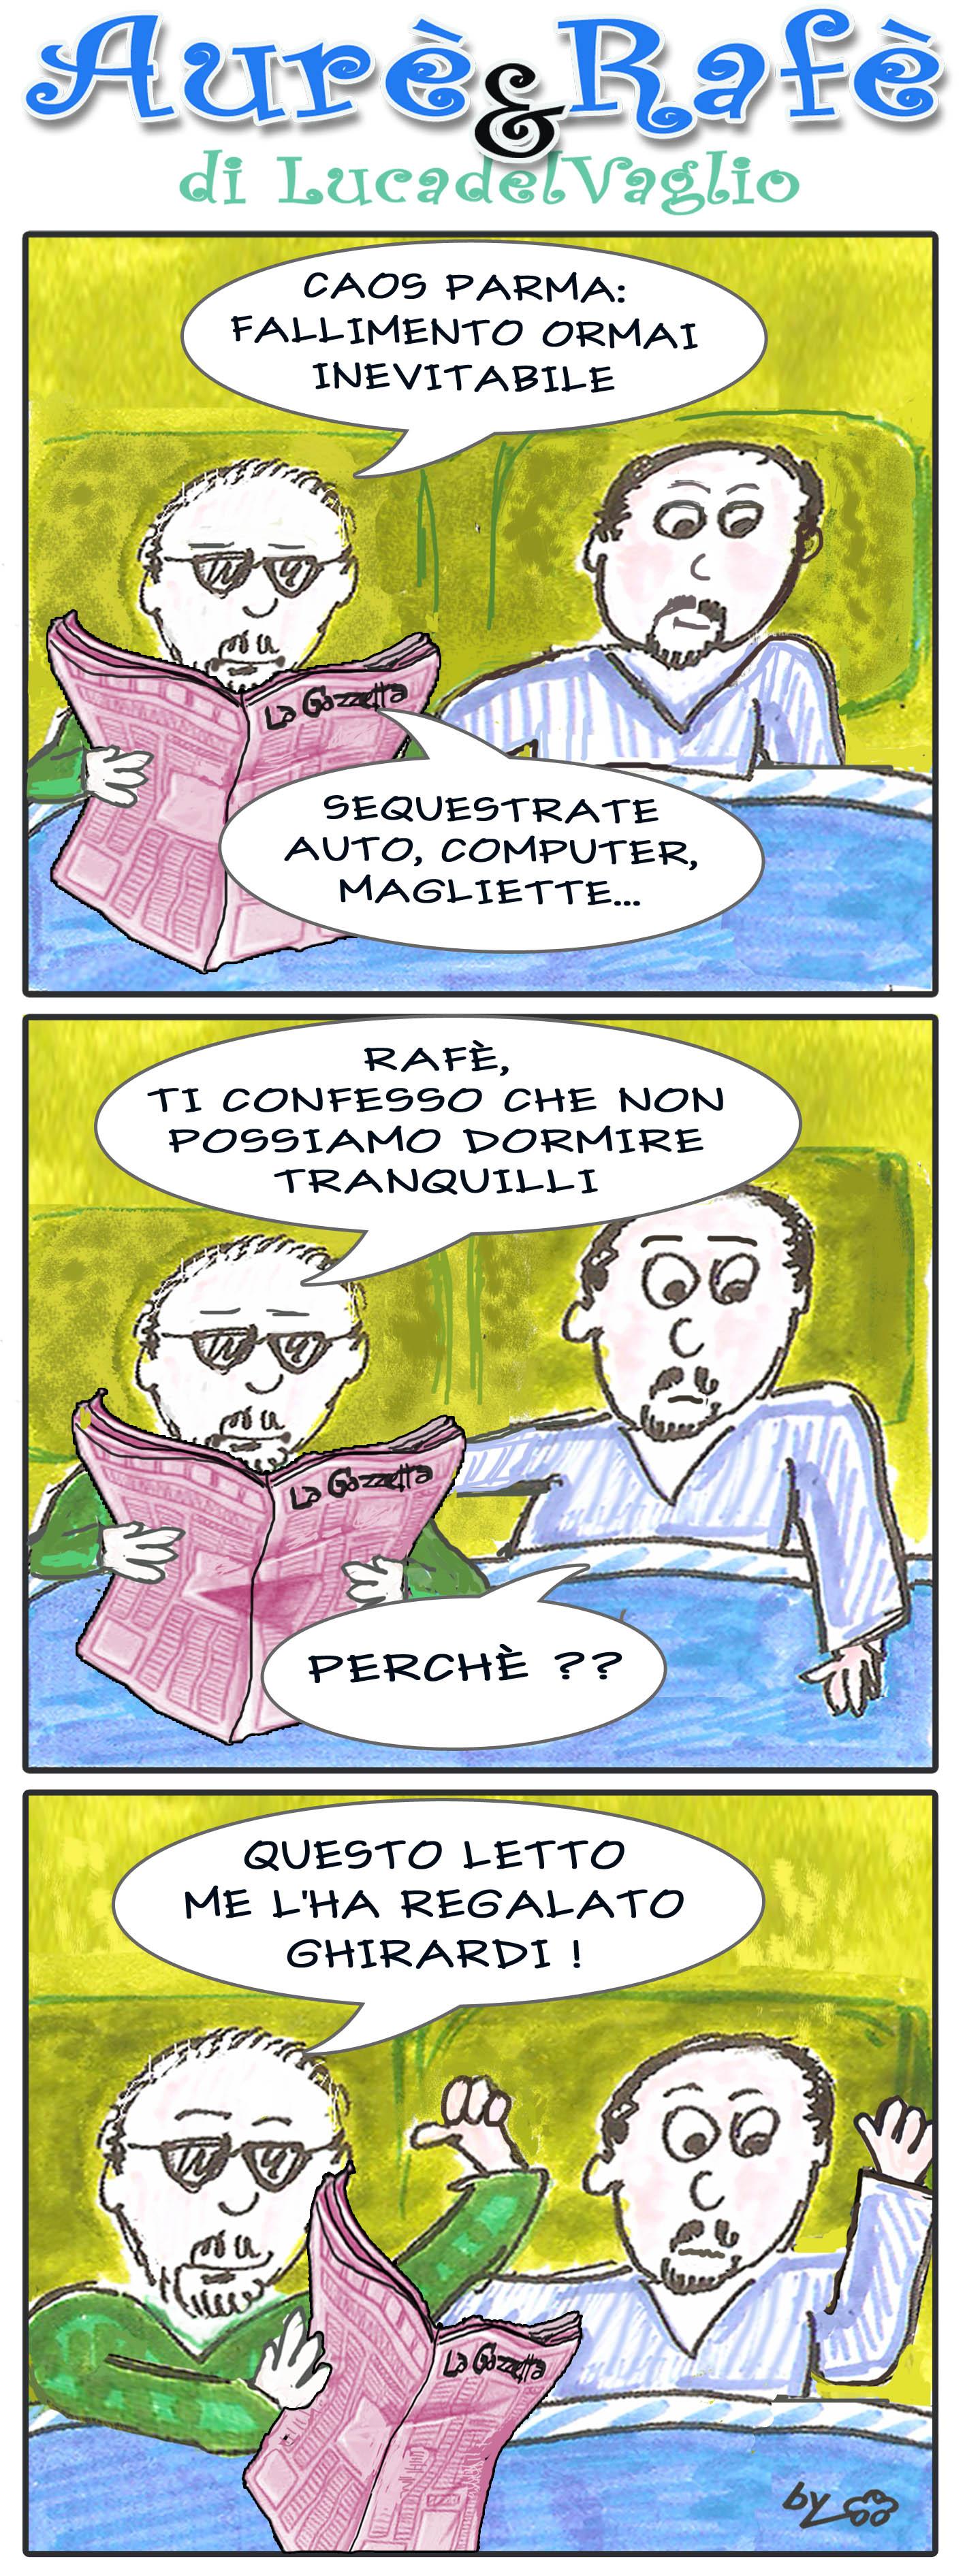 Aure', Rafe' e il caos Parma